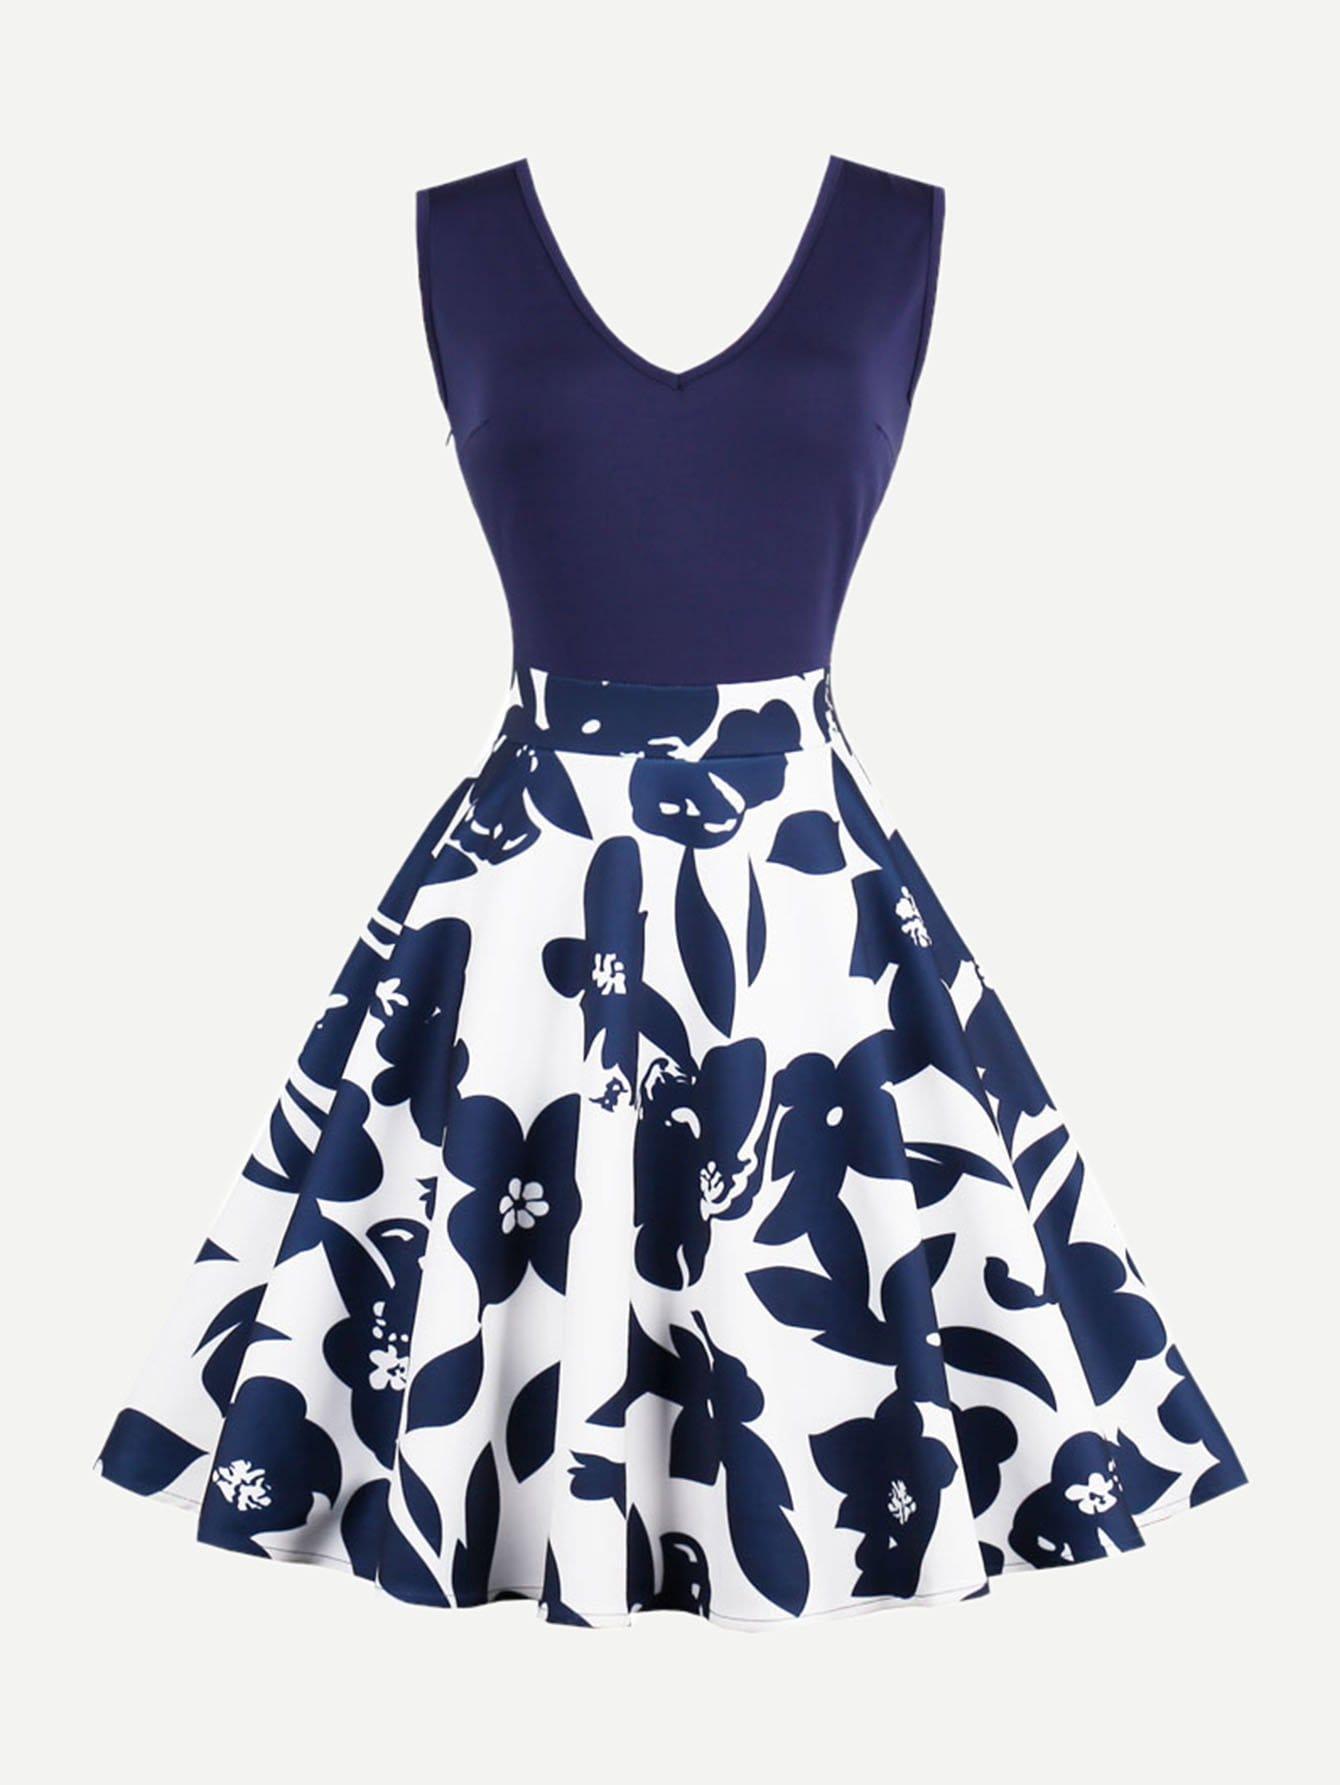 V Neckline Floral Print Zip Up Side Dress zip up side plaid dress